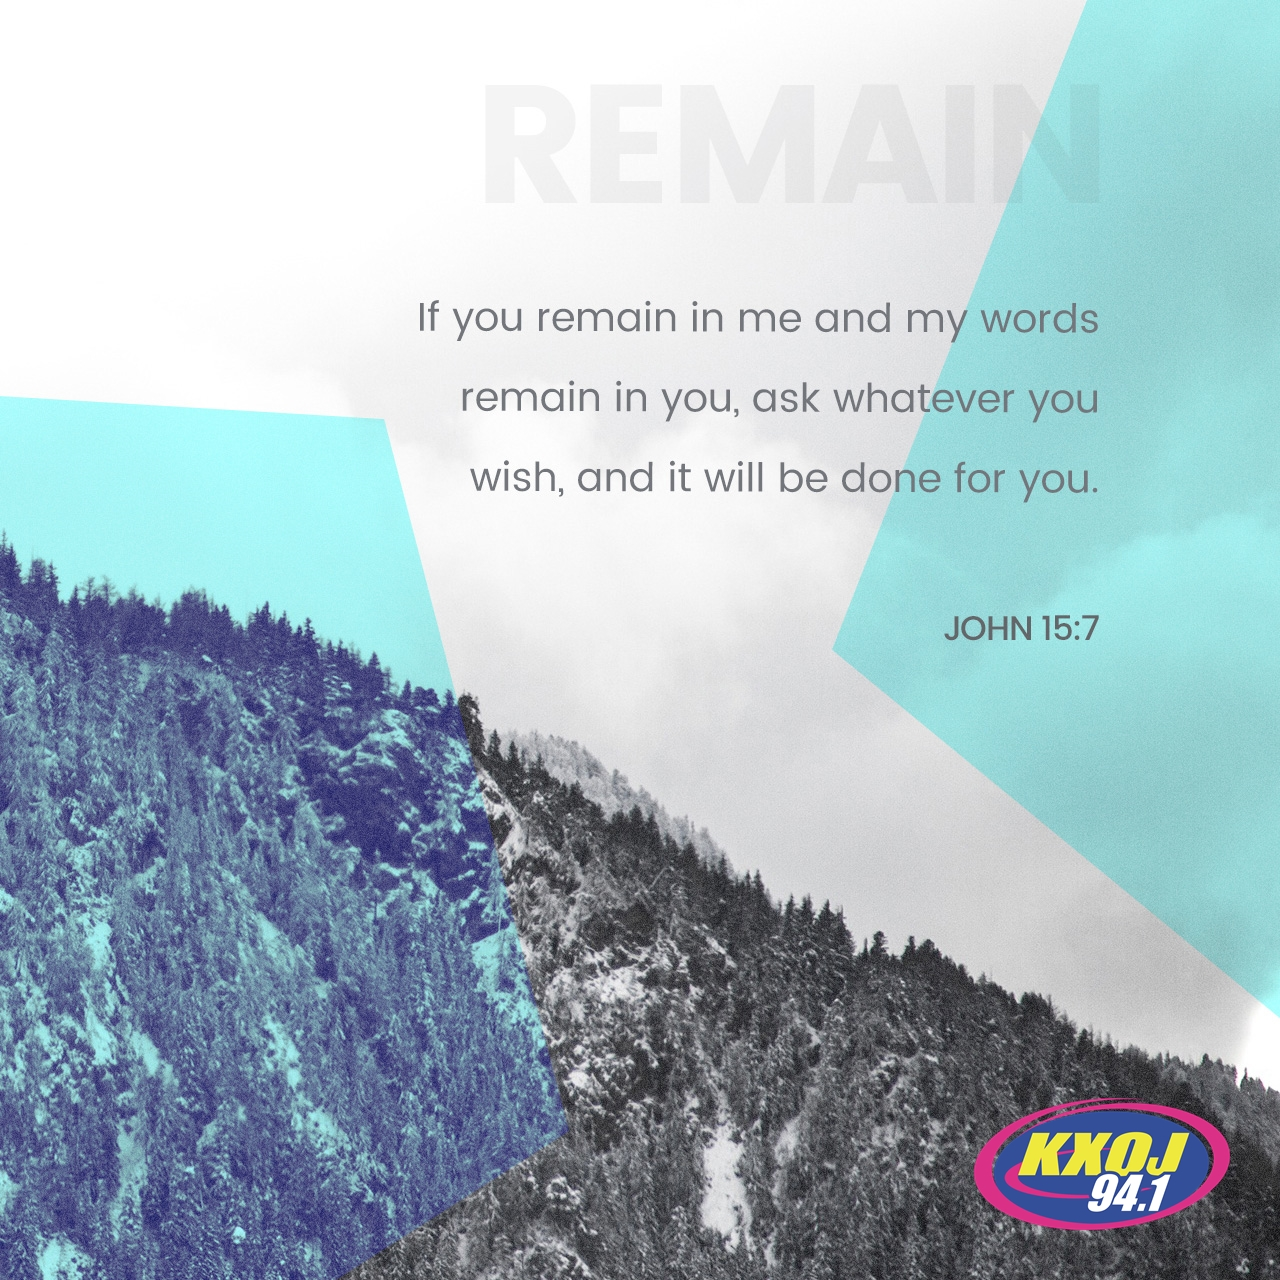 August 9th - John 15:7